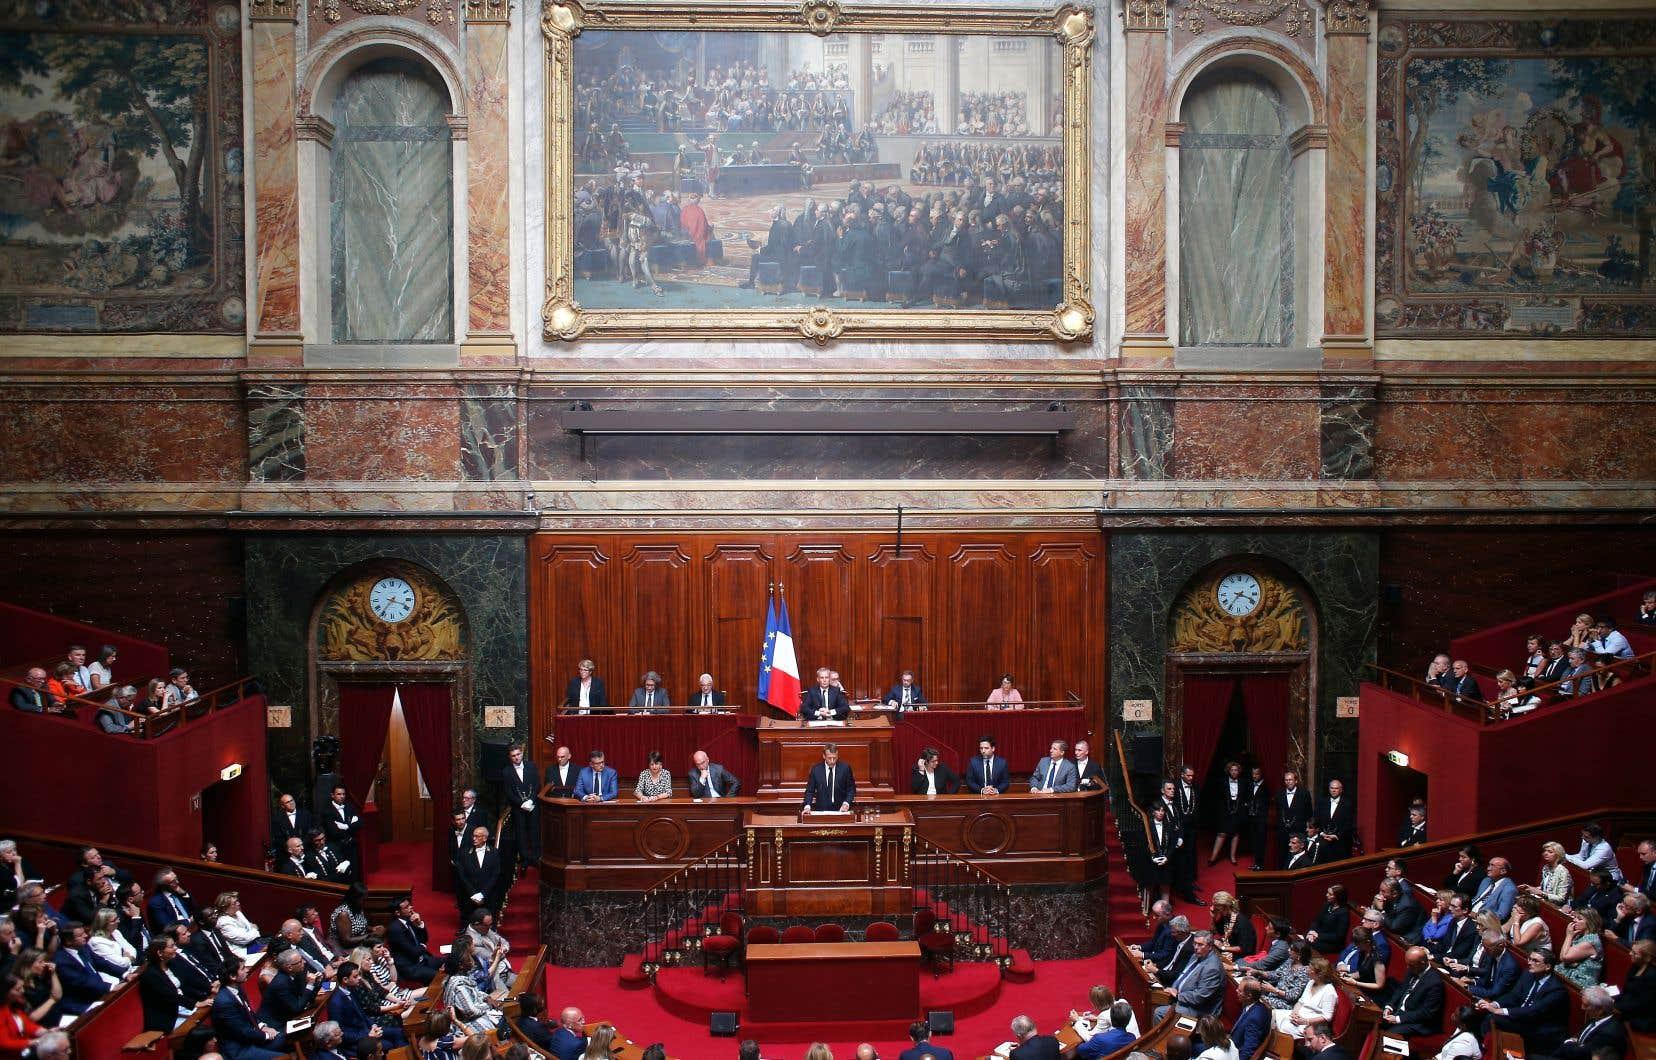 Le président de l'Hexagone, Emmanuel Macron, a livré un discours lundi devant les parlementaires réunis en congrès au château de Versailles près de Paris.